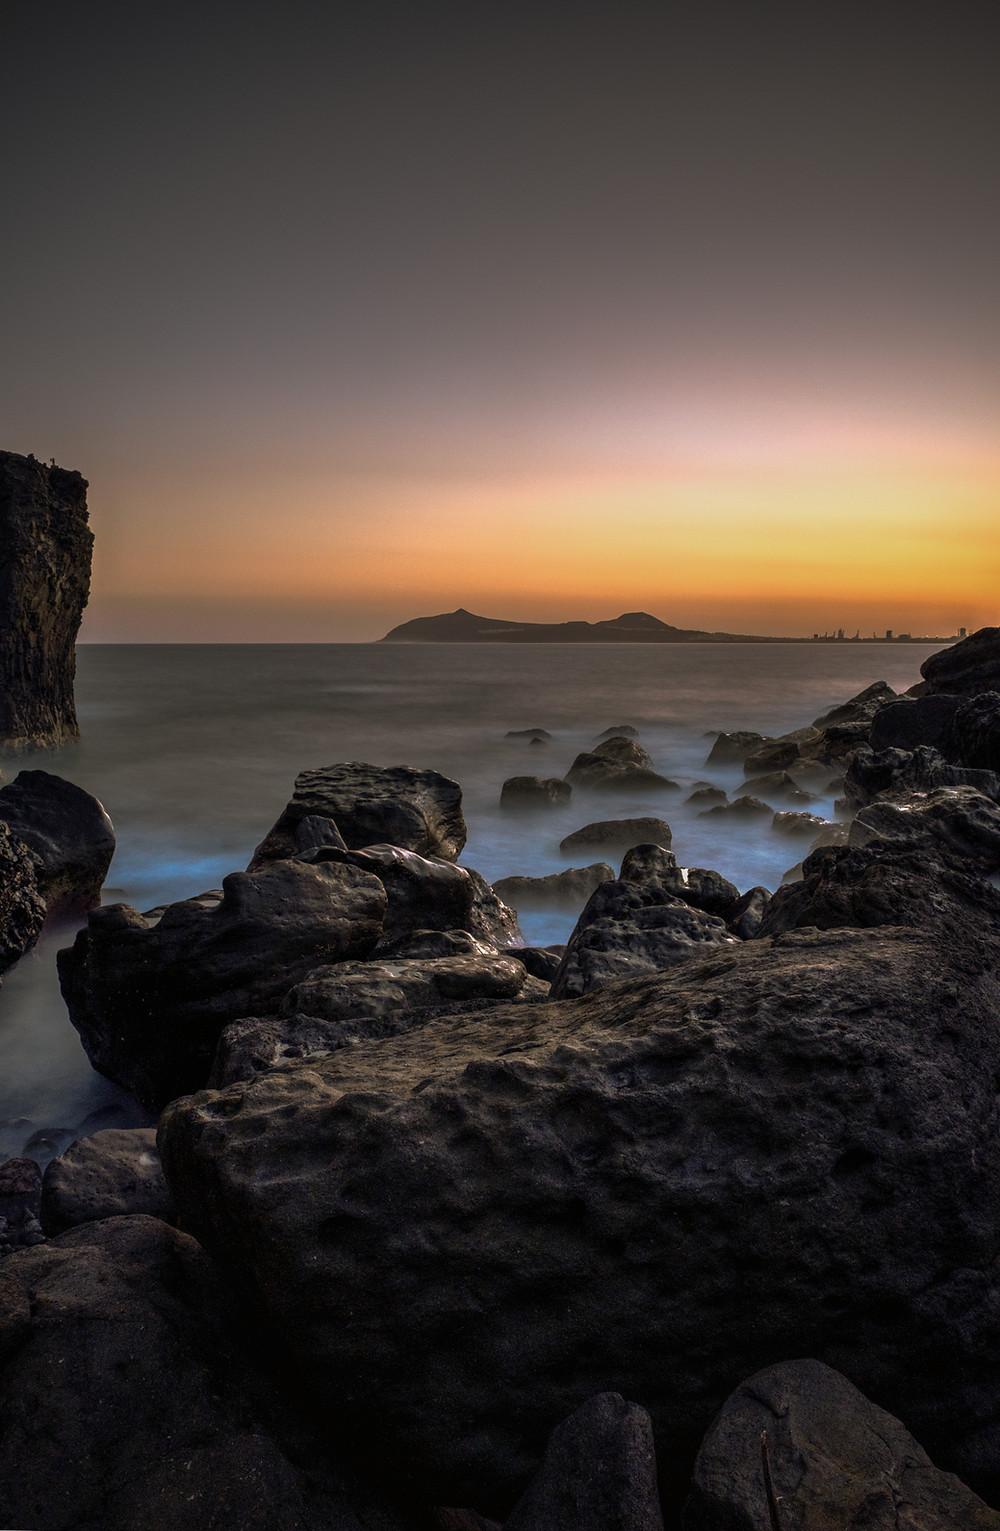 Impresionante fotografía de amanecer en la playa de Punta de Arucas, costa norte de Gran Canaria